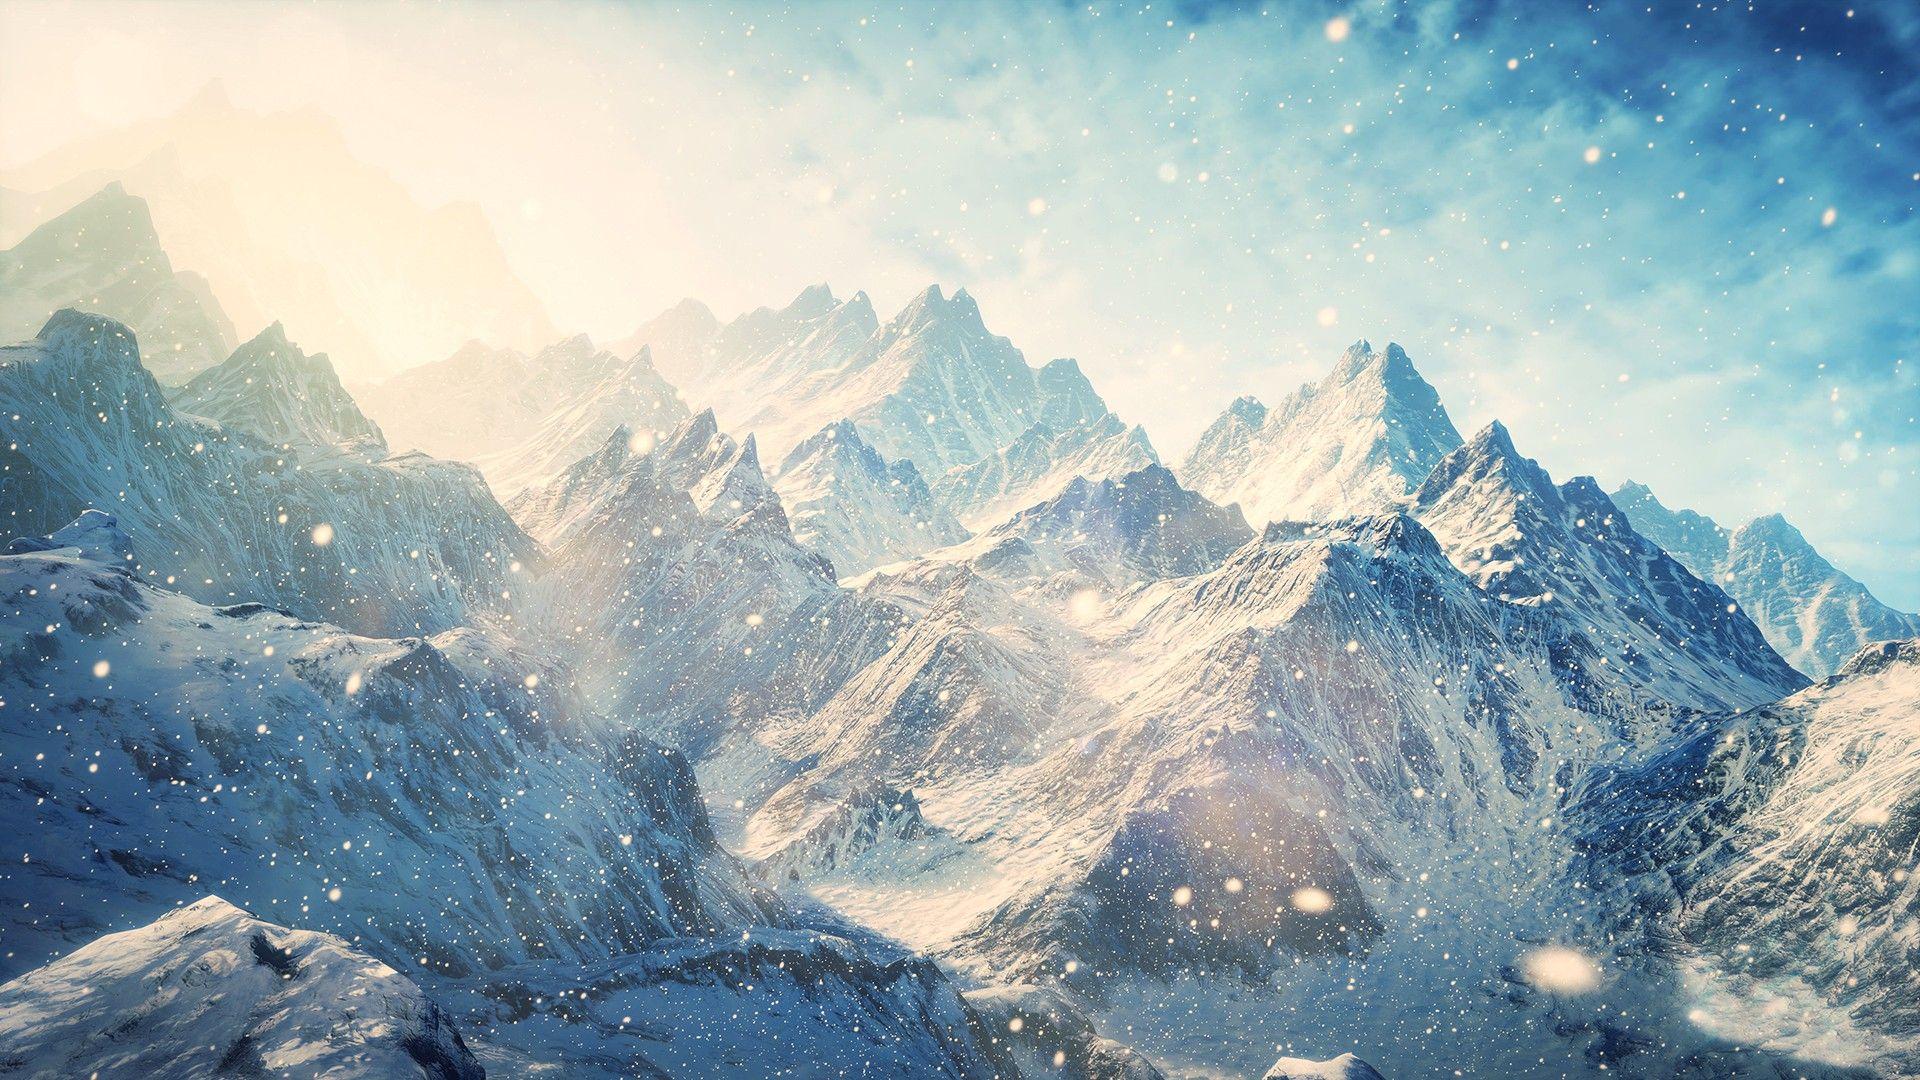 The Elder Scrolls V: Skyrim mountains landscapes winter snow